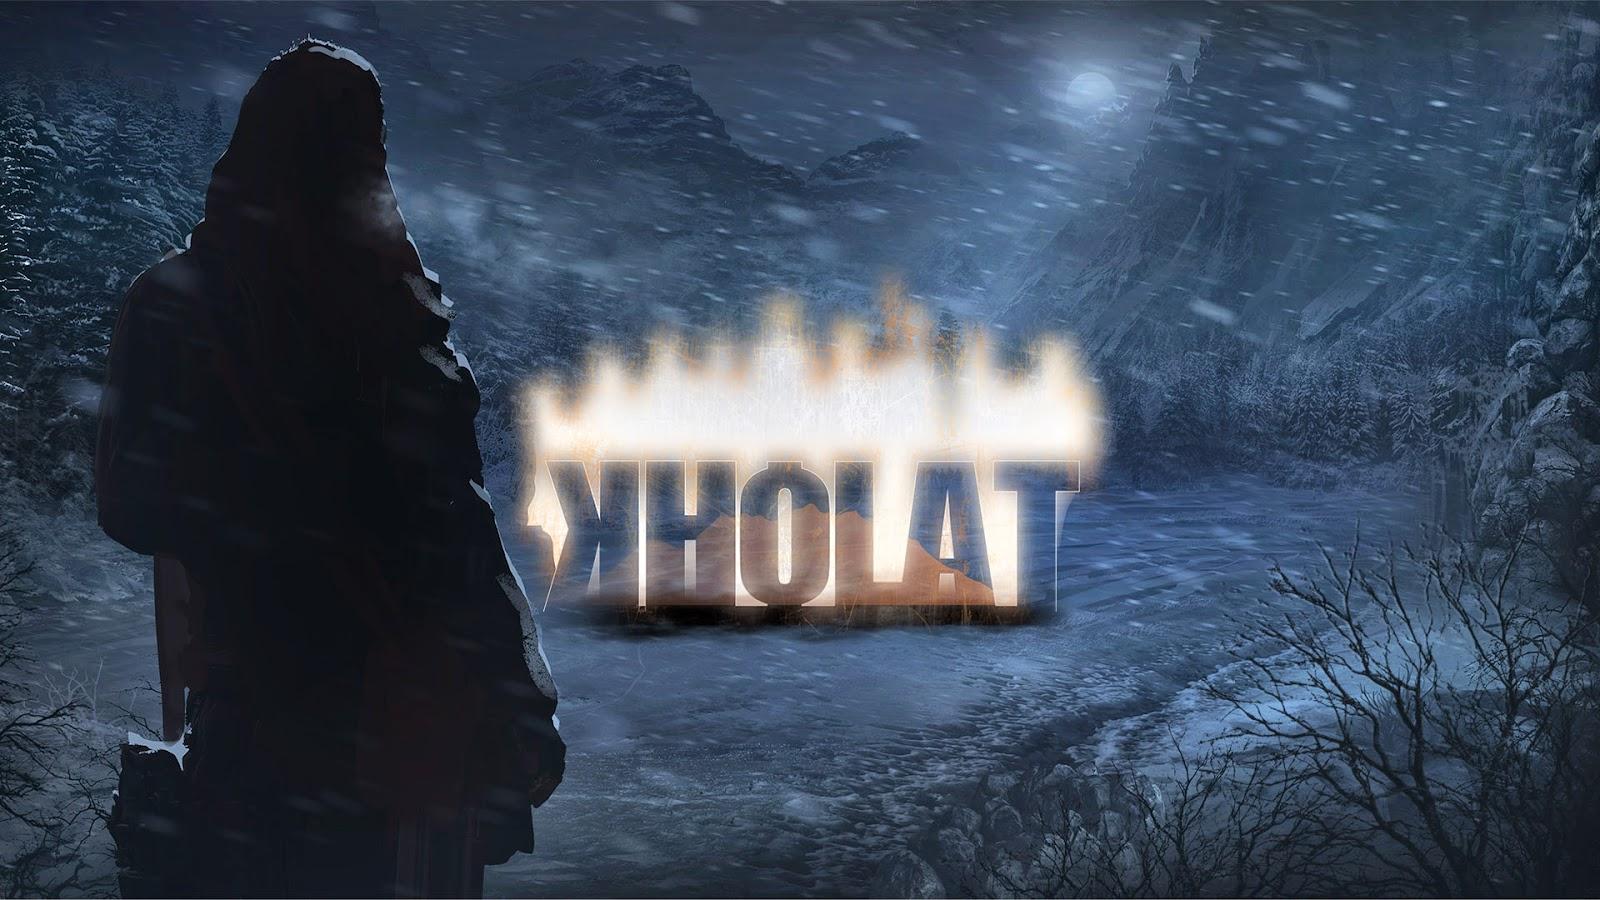 Kholat Oyununu Bilgisayarına Tek Link İndir